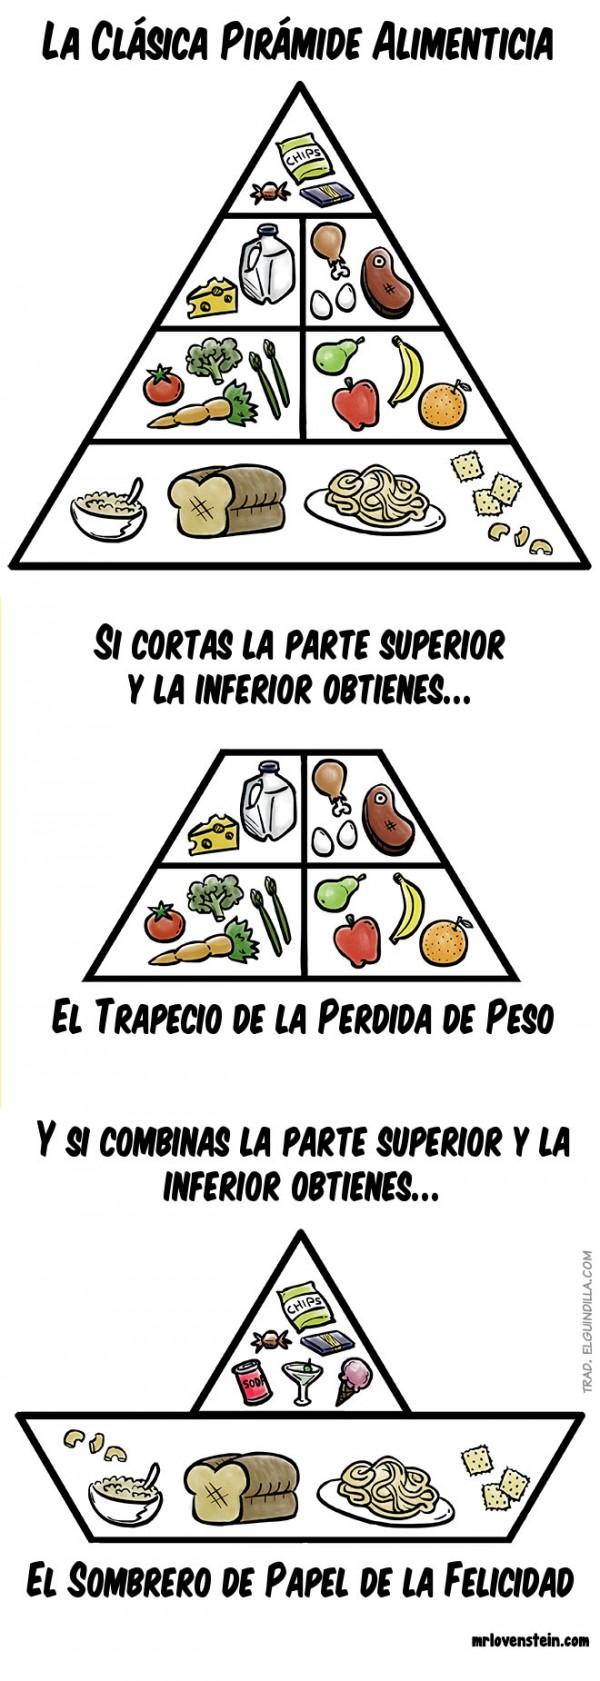 Versiones de la pirámide alimentaria